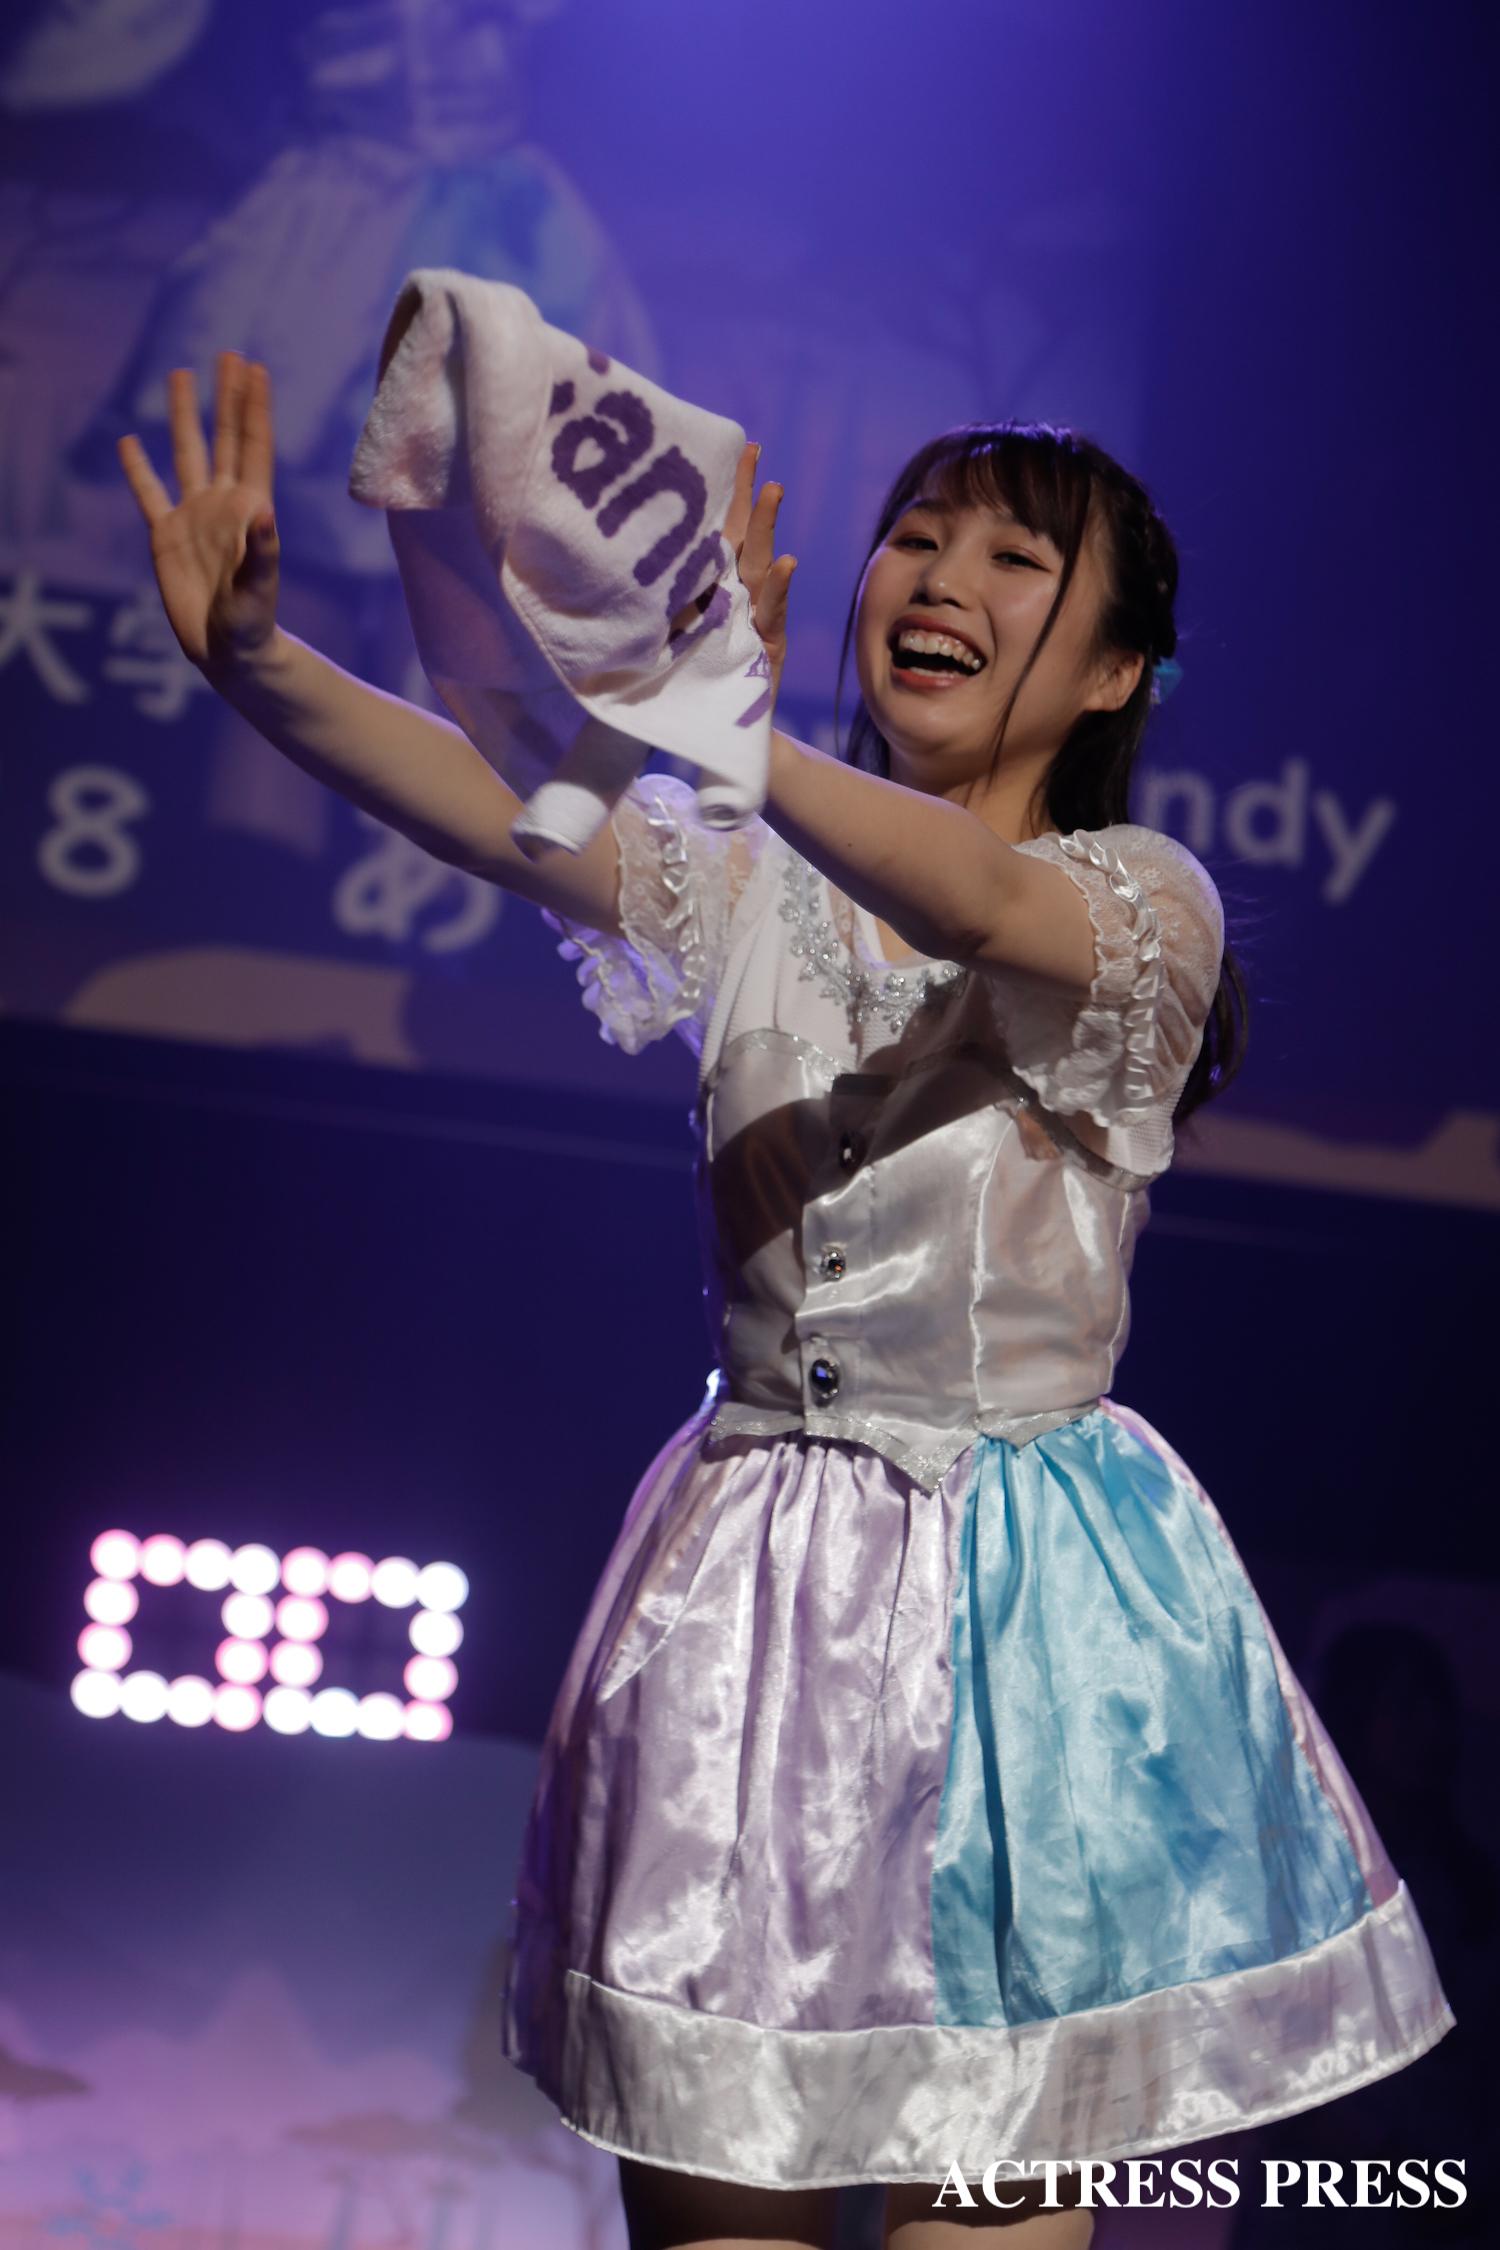 京都女子大学 Cotton Candy あり/2020年2月13日、MISS UNIDOL19-20/撮影:ACTRESS PRESS編集部